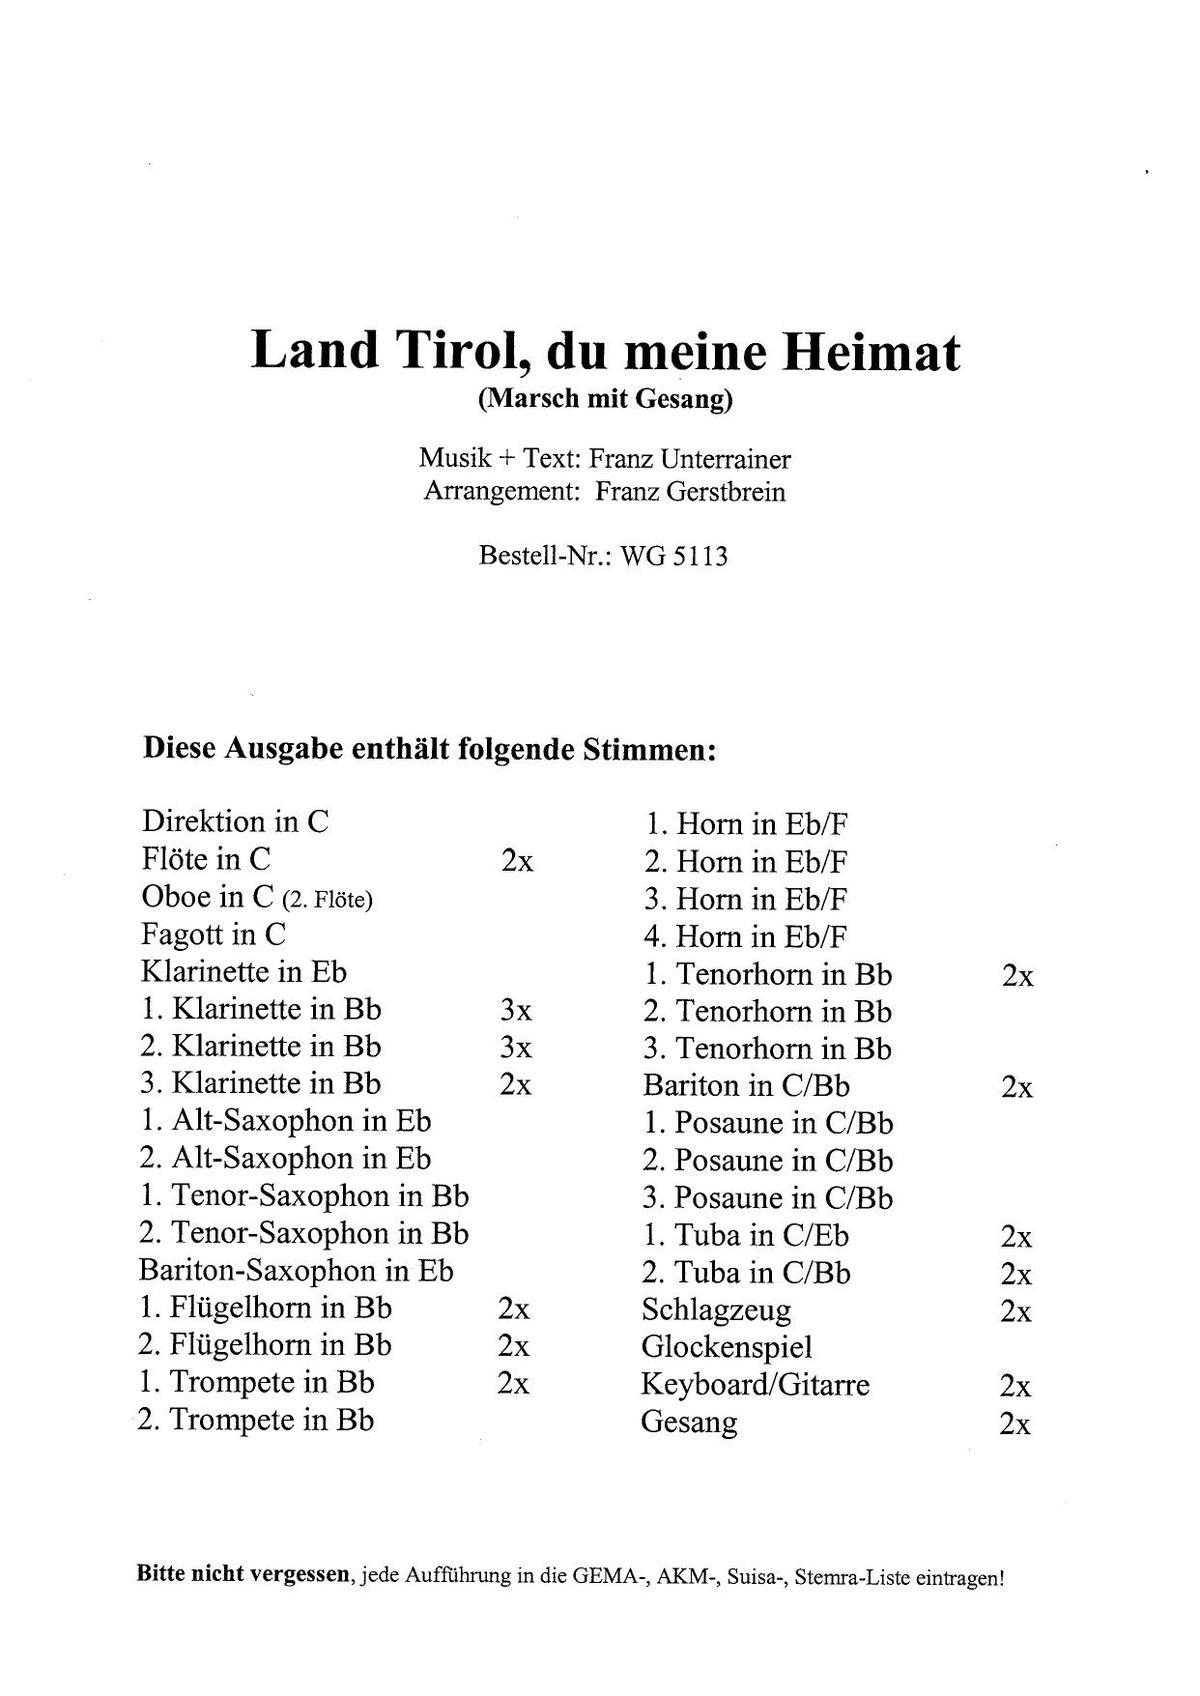 Land Tirol Du Meine Heimat Blasorchester Noten Kaufen Im Blasmusik Shop